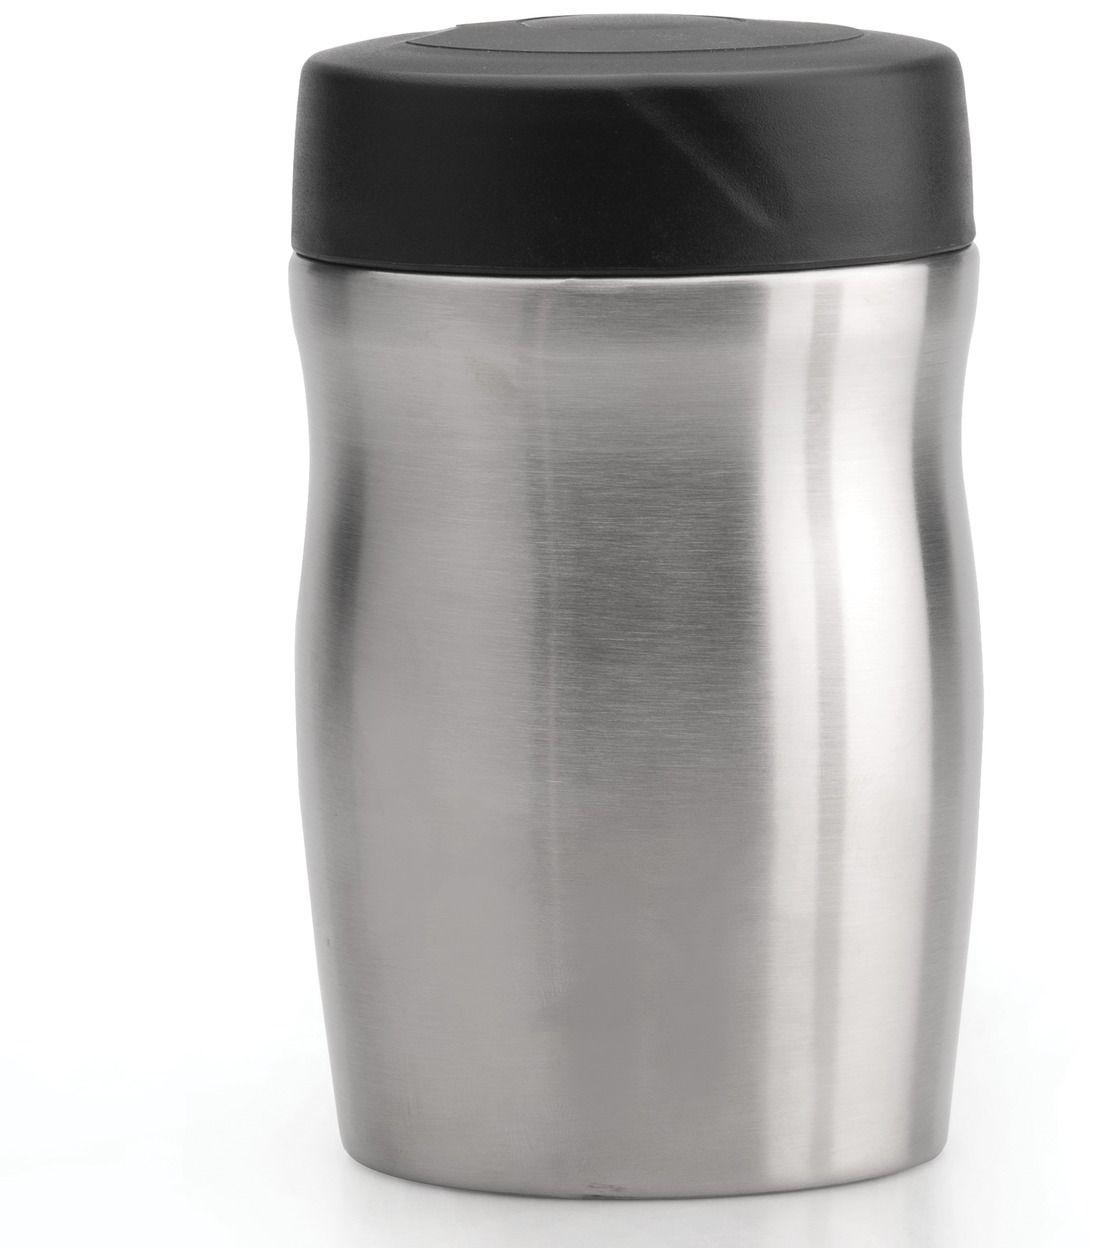 Кухонный термос BergHOFF Cook&Co, 350 мл1407-113Кухонный термос BergHOFF Cook&Co очень компактный, но в то же время очень вместительный. Широкое горлышко позволяет легко его наполнять и так же легко есть прямо из него. В таком термосе ваша еда на долгое время останется горячей и ароматной, за счет того, что выполнен он из нержавеющей стали, которая надолго сохраняет тепло. Полированная поверхность обладает защитными свойствами и ее очень легко мыть. Термос будет для вас идеальным выбором для длительных путешествий или просто прогулок.